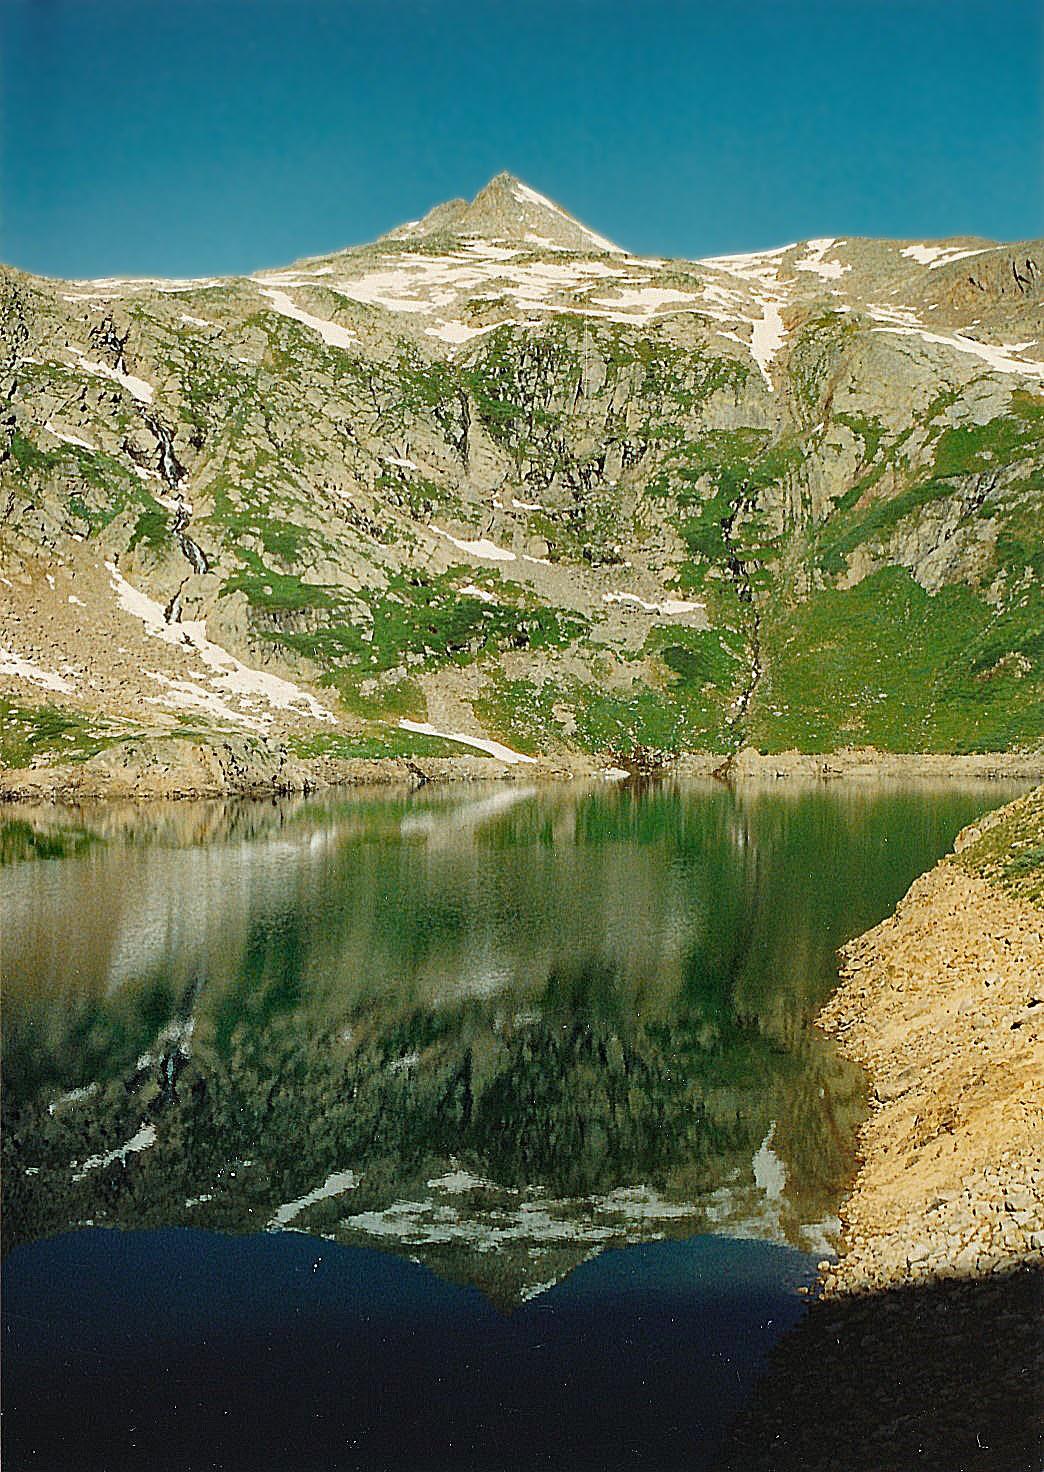 San Miguel Peak - 13,752